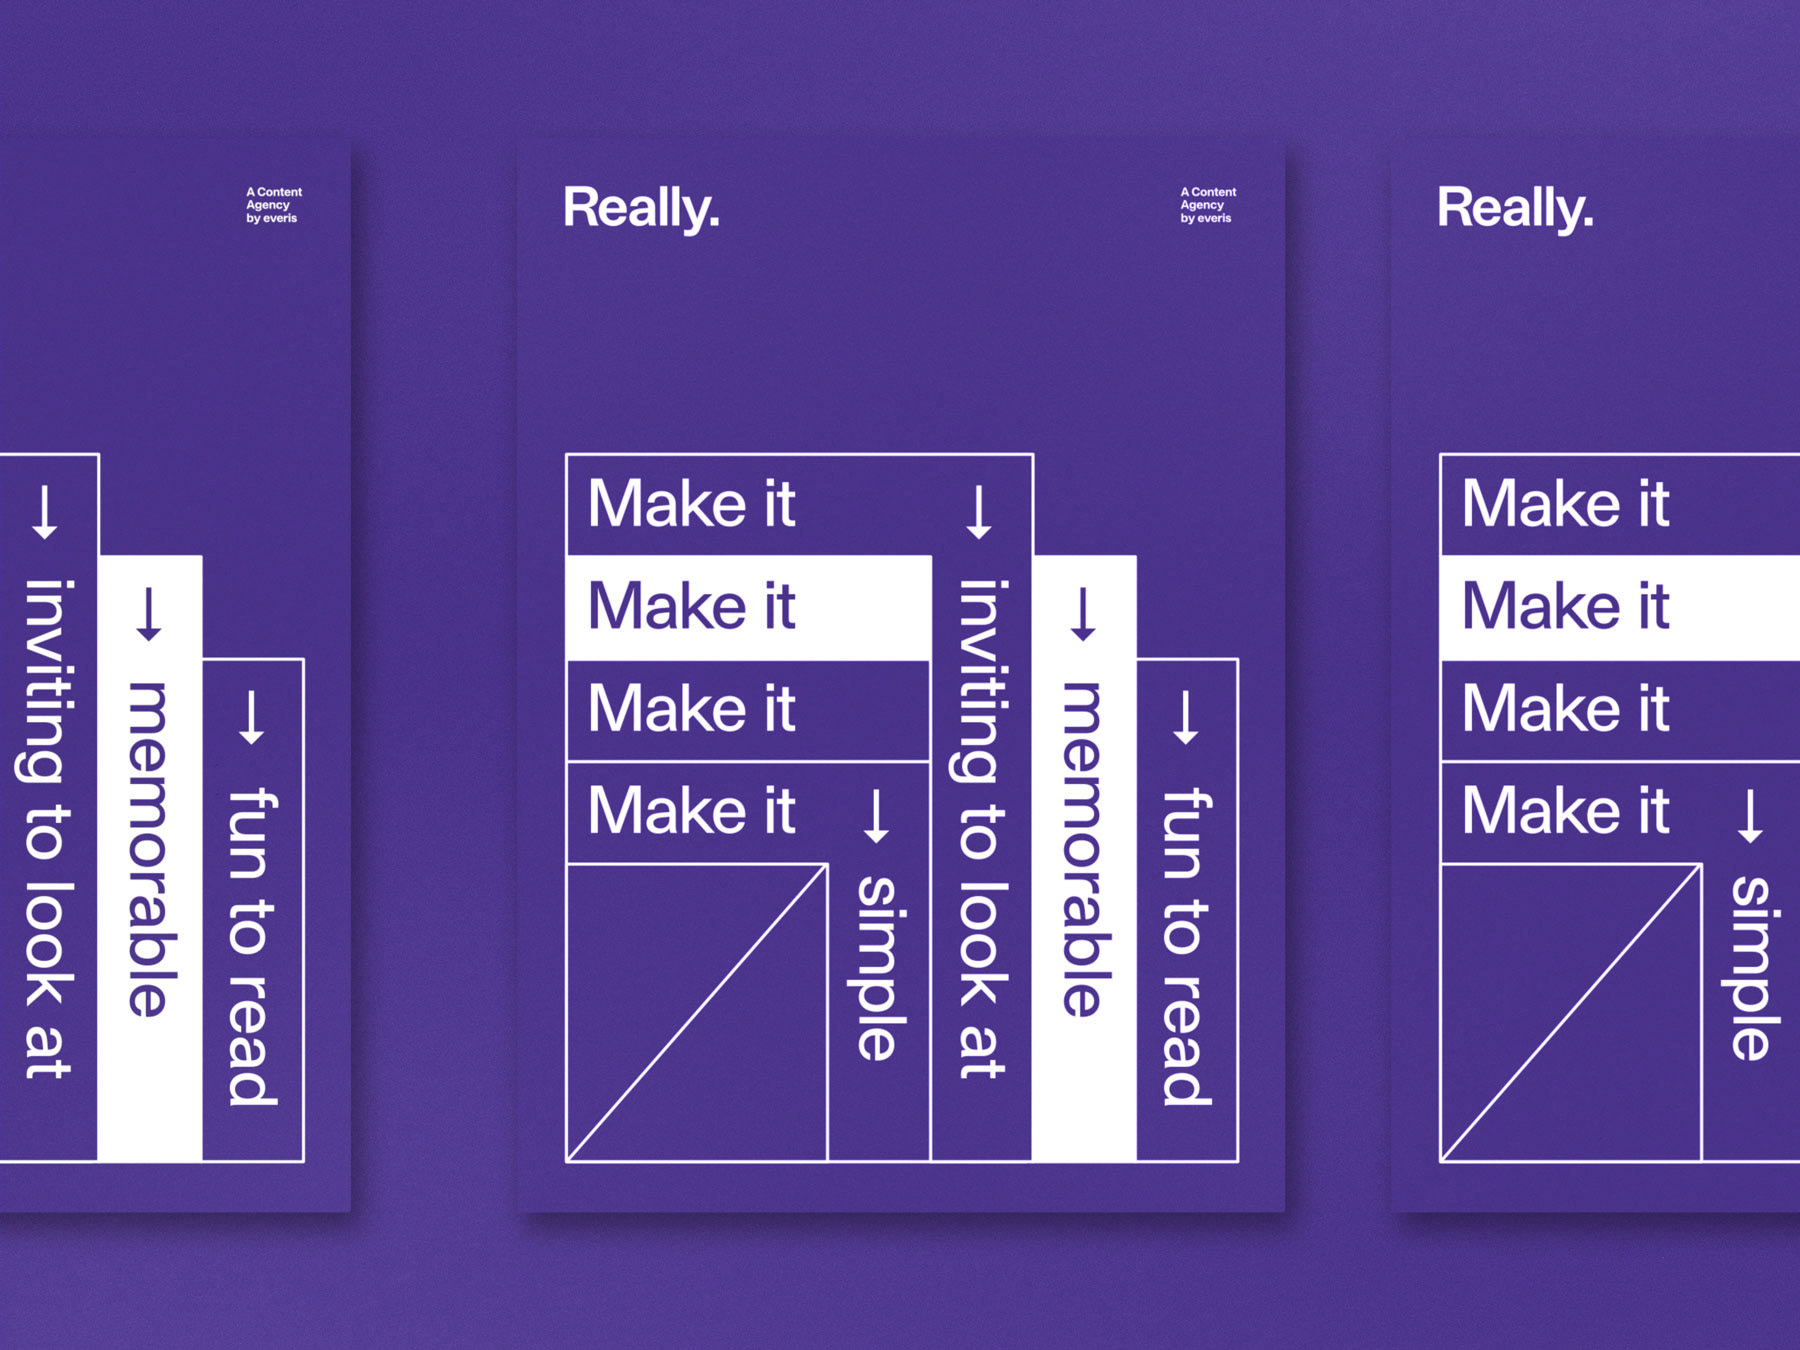 5 Projets de Branding, d'Identité ou de Redesign à voir #20